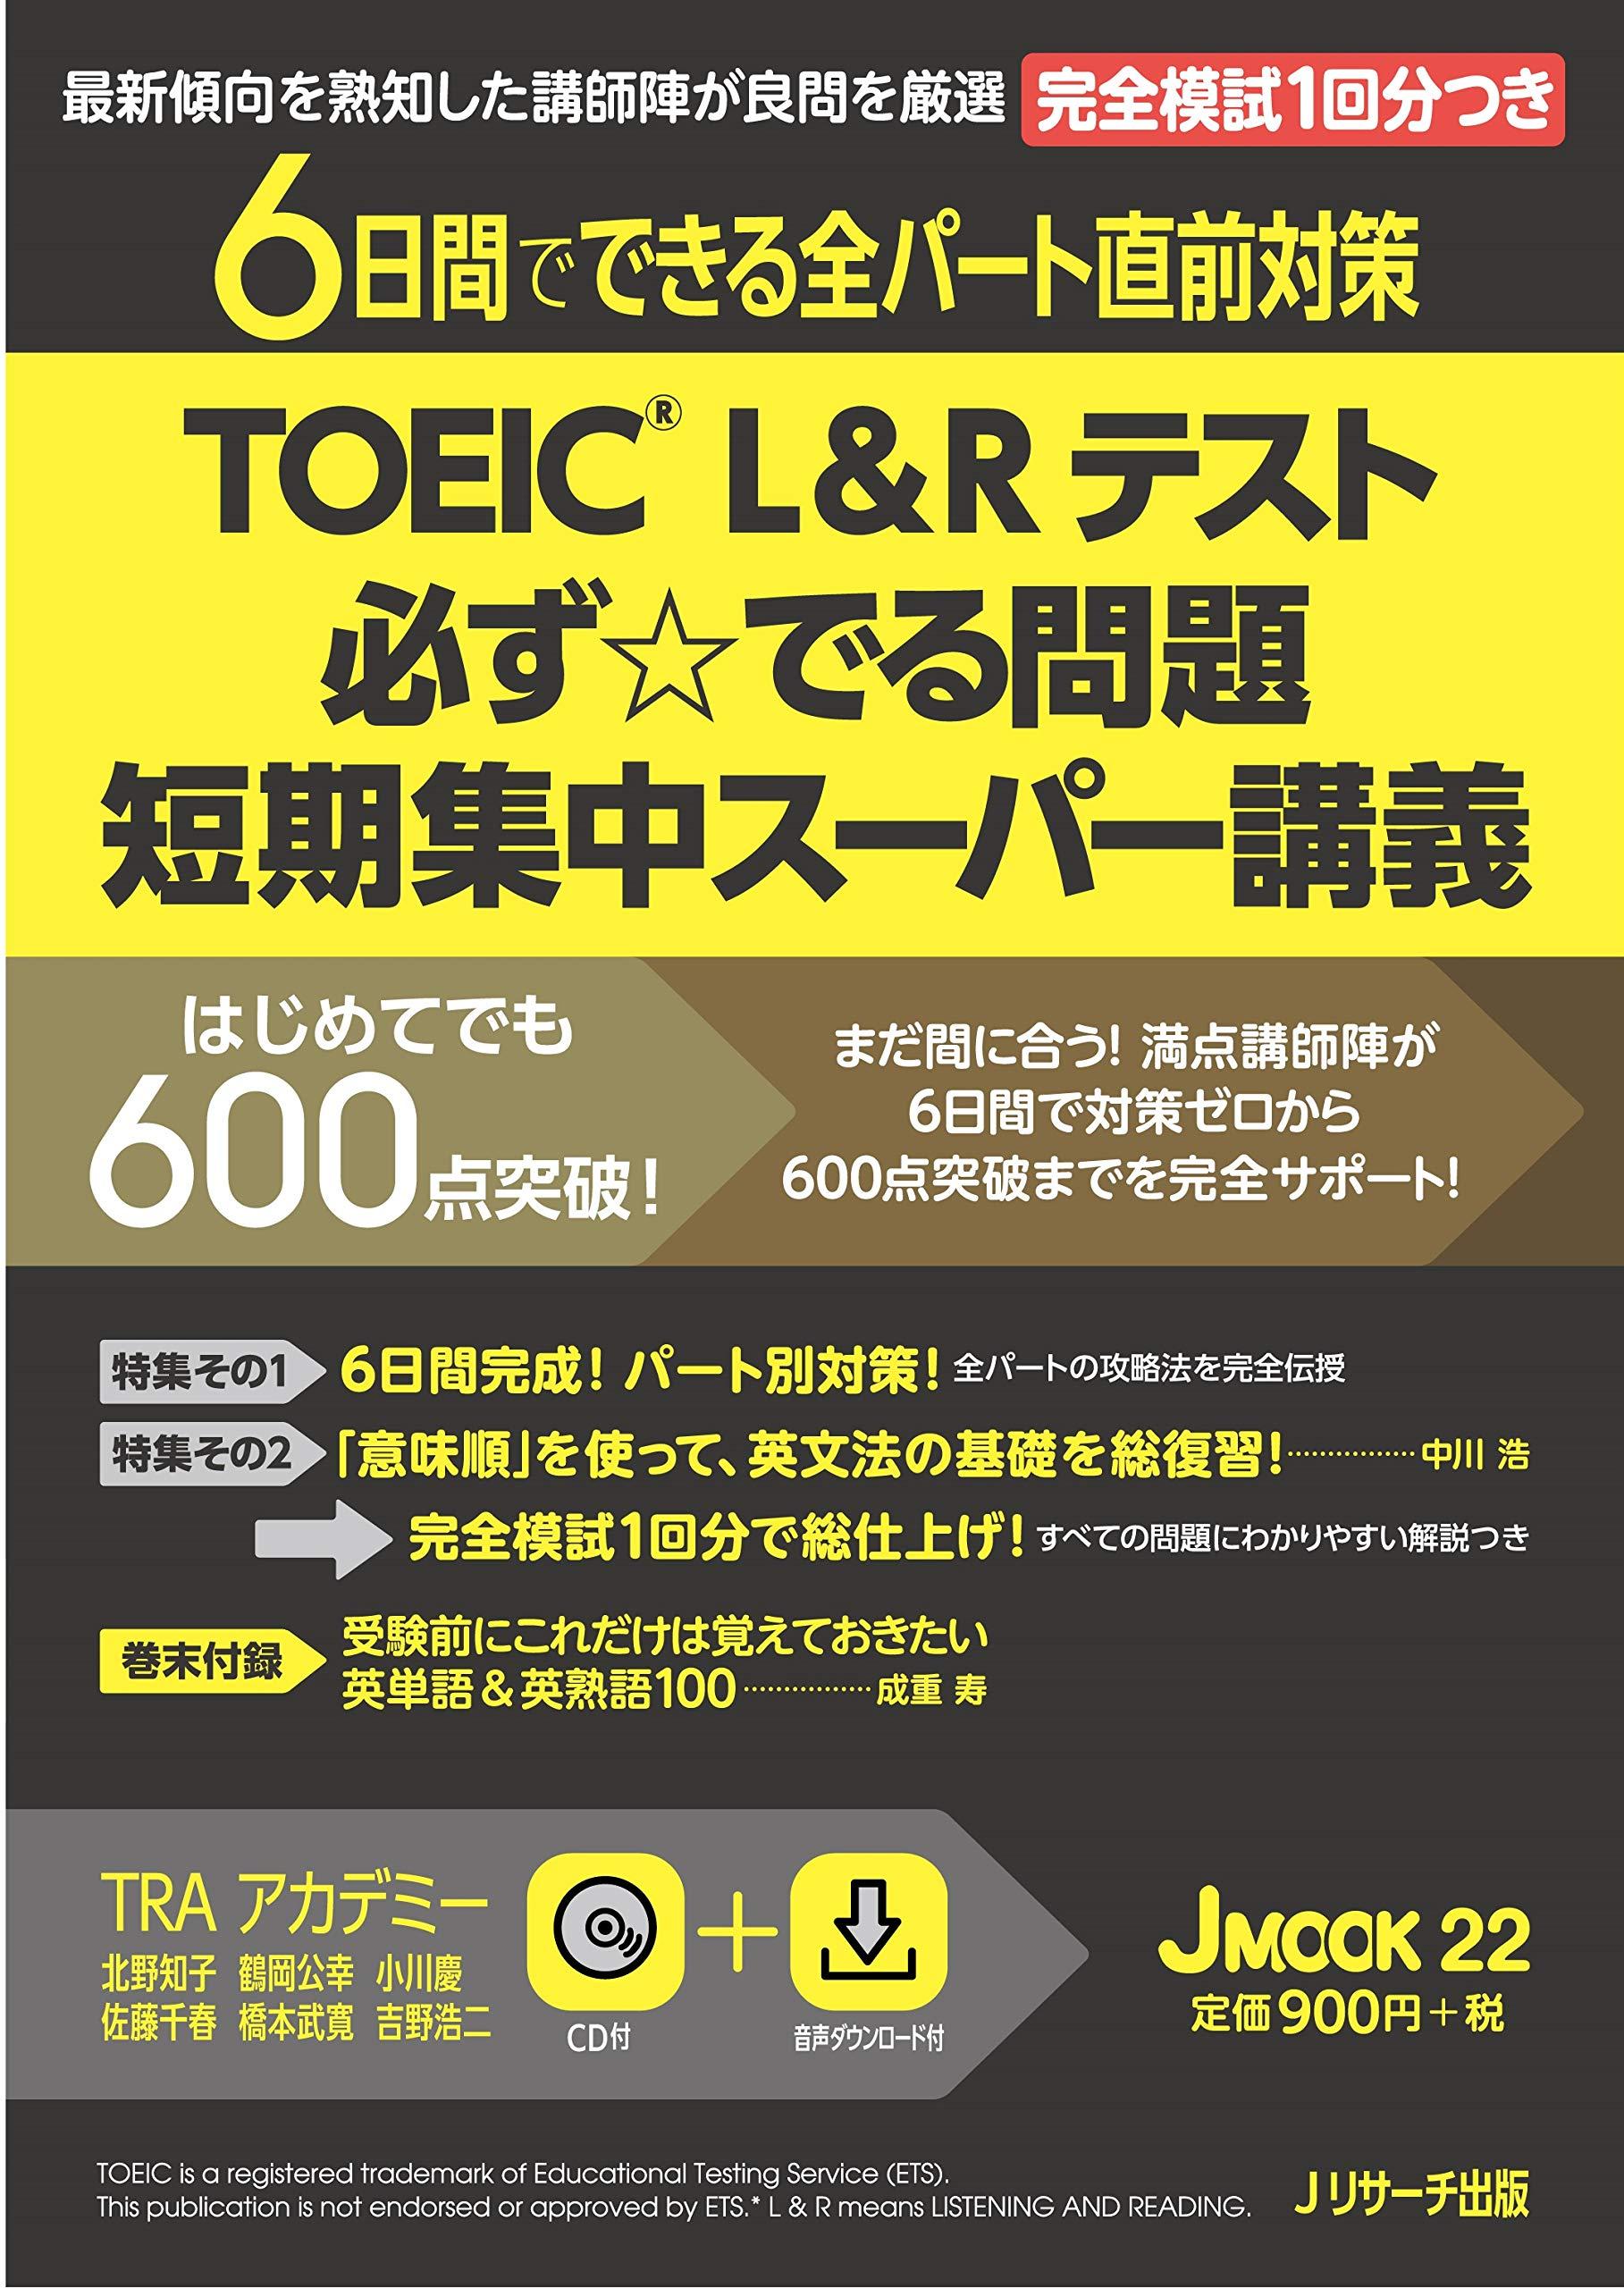 TOEIC®L&Rテスト 必ず☆でる問題 短期集中スーパー講義